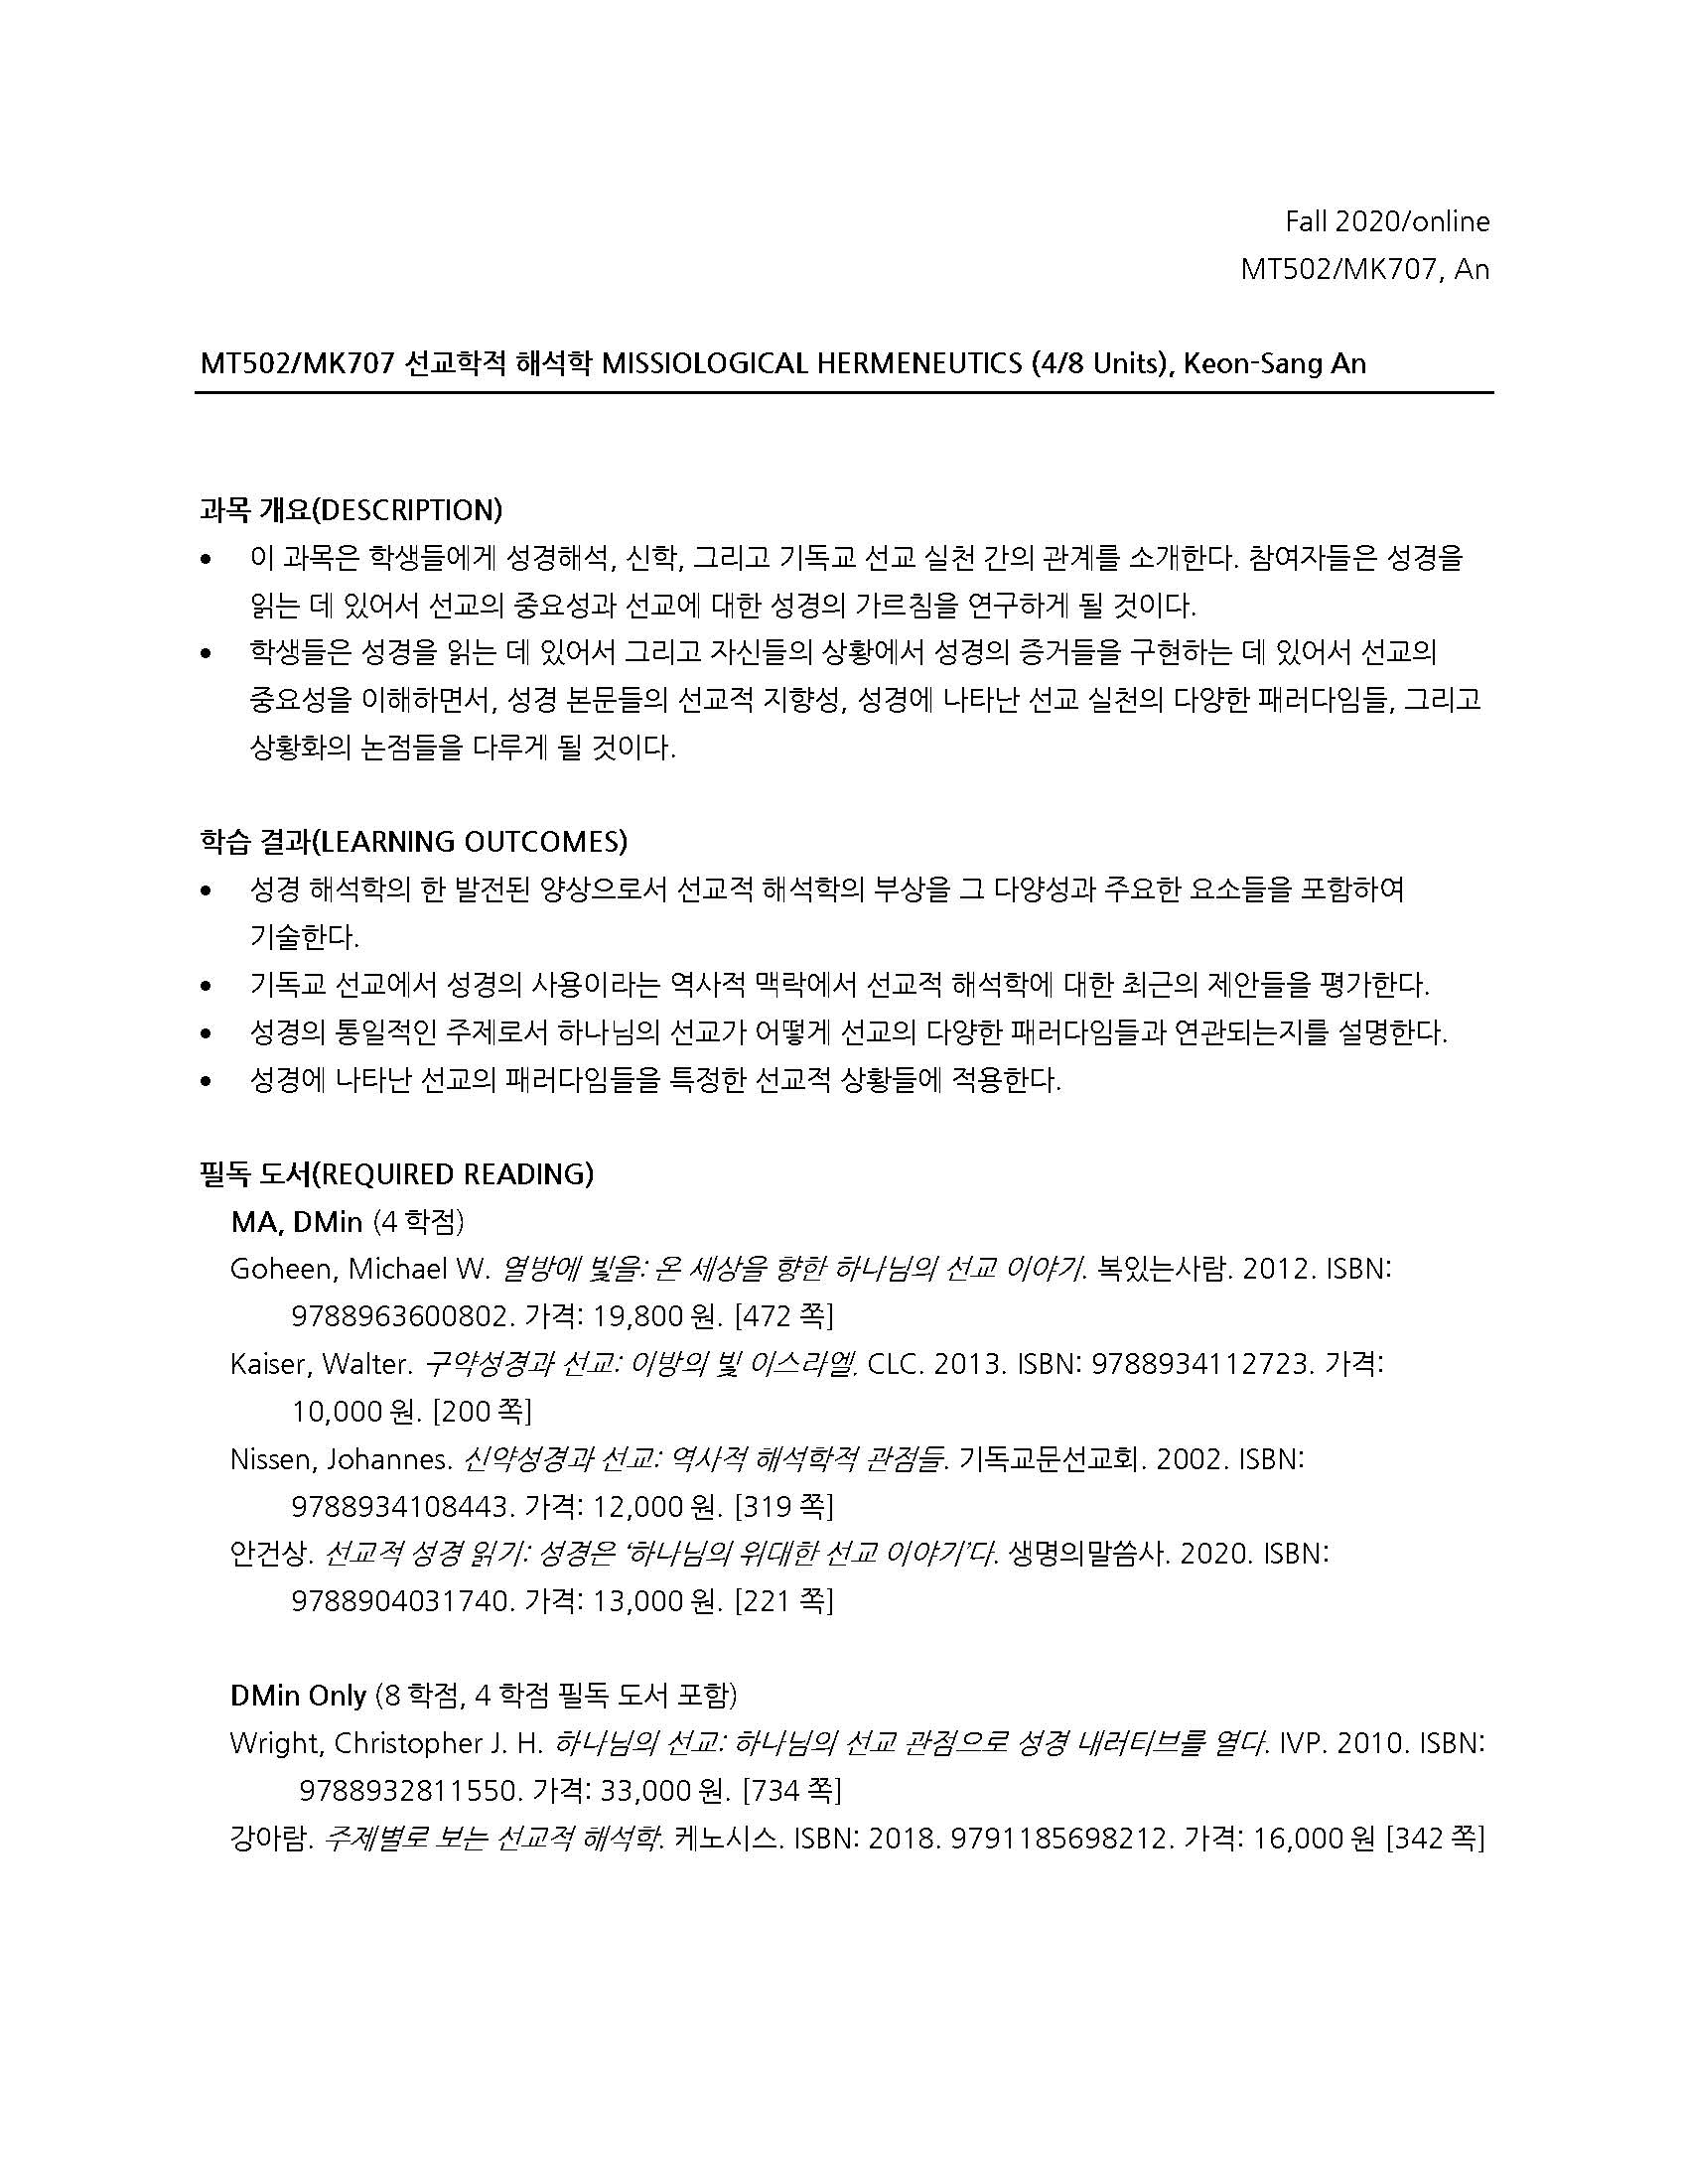 FA20 MT502MK707 Keonsang An_Page_1.jpg